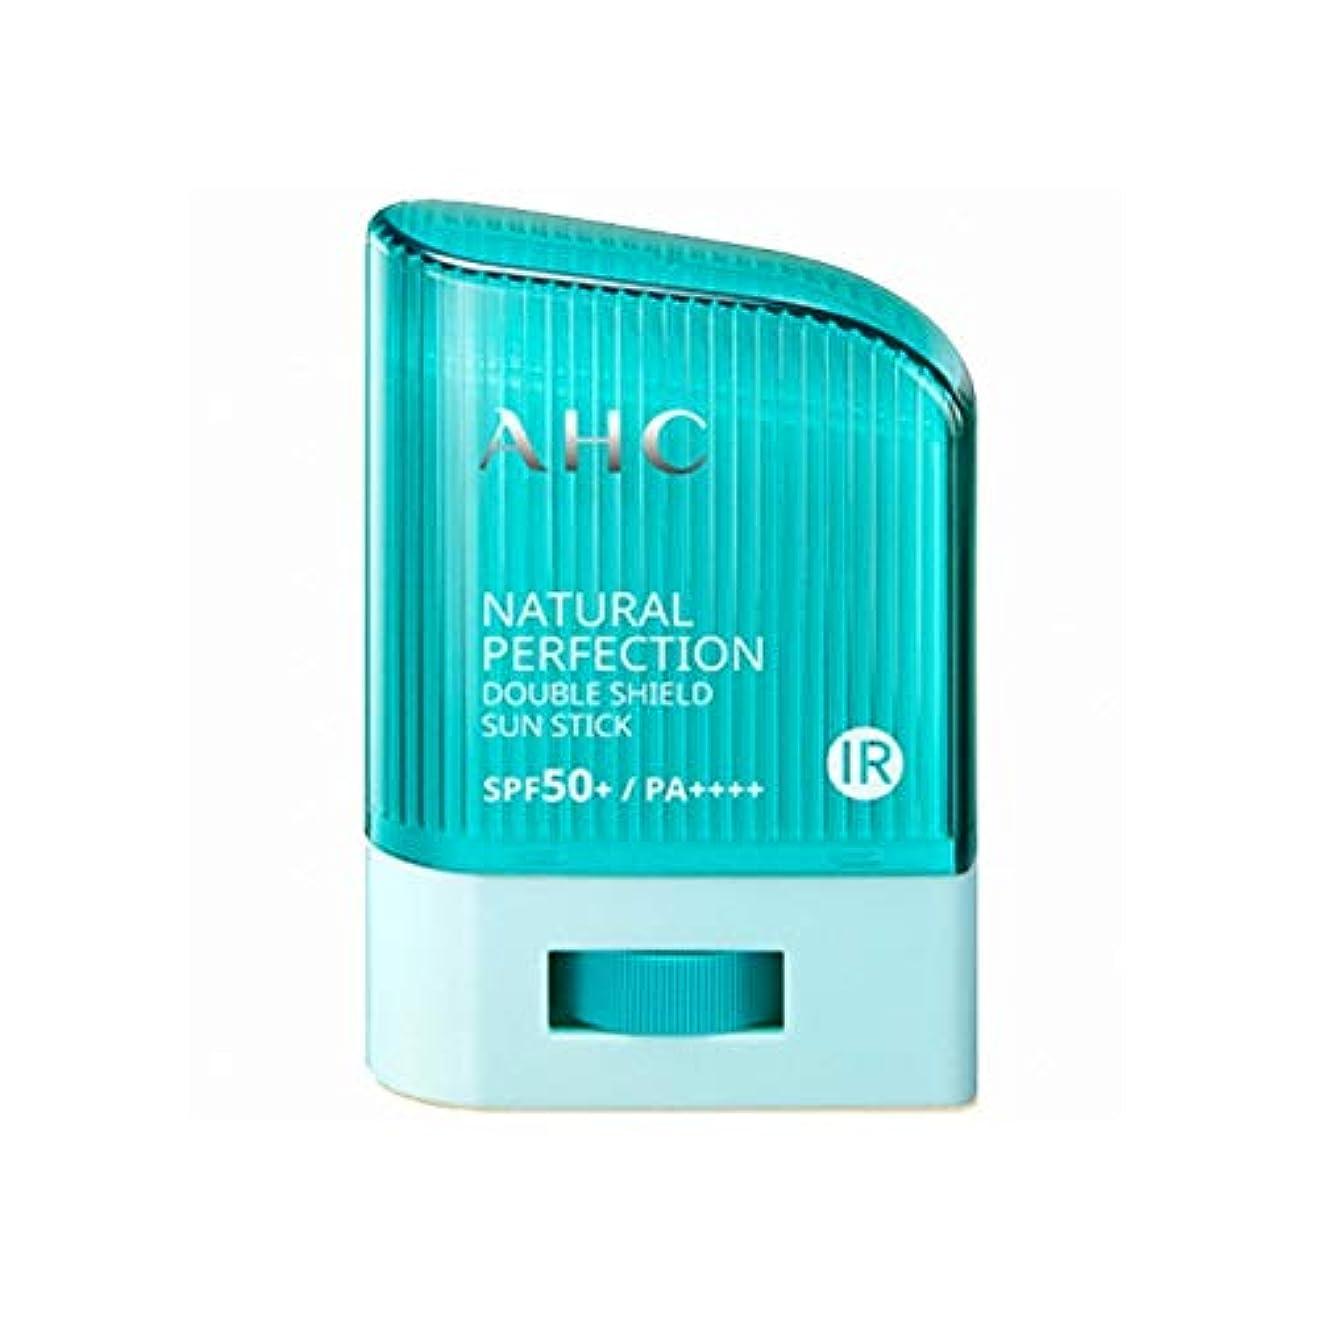 出席する症状盆AHC ナチュラルパーフェクションダブルシールドサンスティック 14g, Natural Perfection Double Shield Sun Stick SPF50+ PA++++ A.H.C